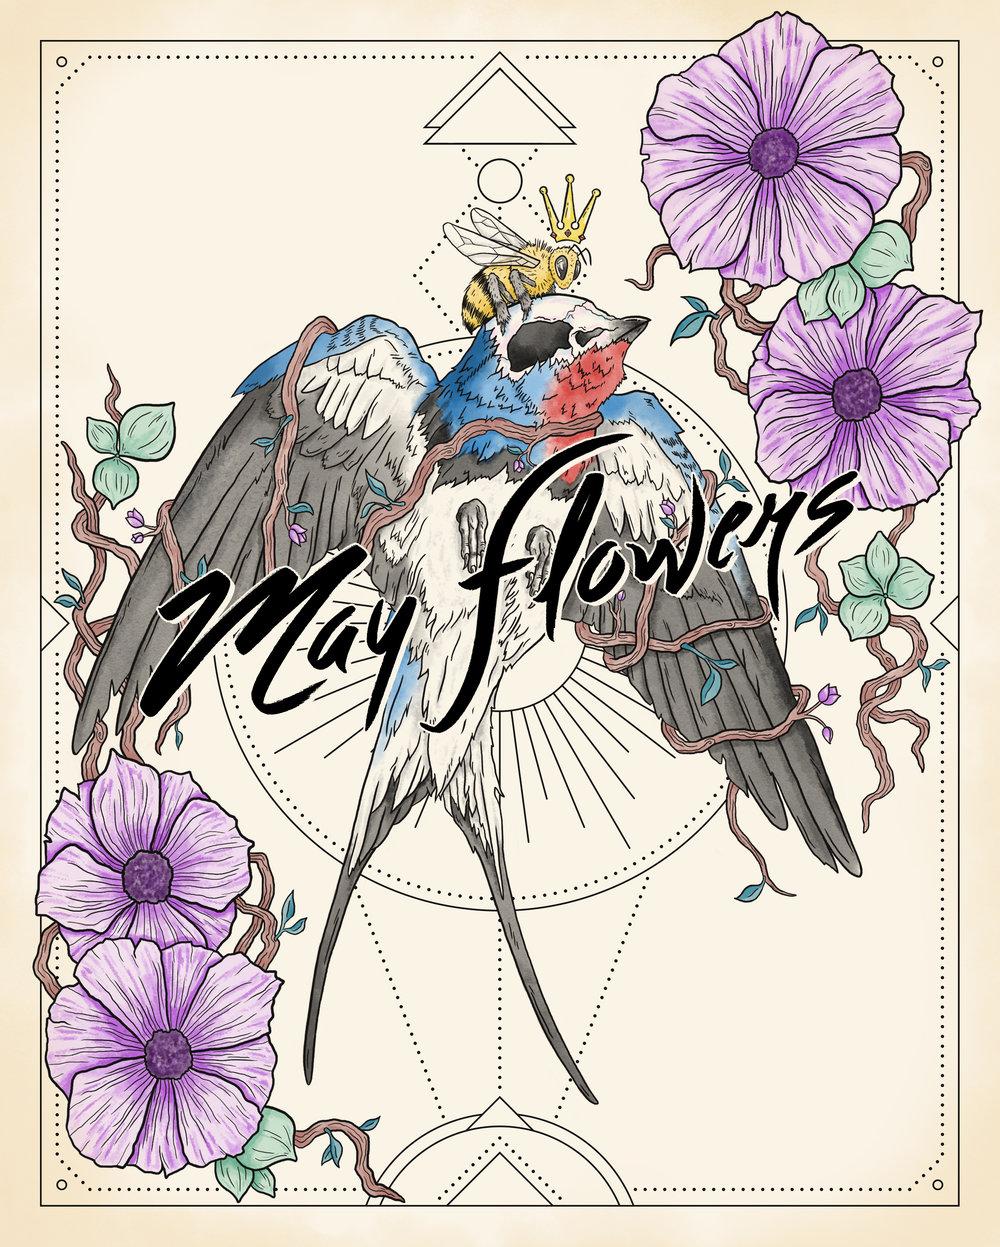 © Sara Jabbari - May Flowers